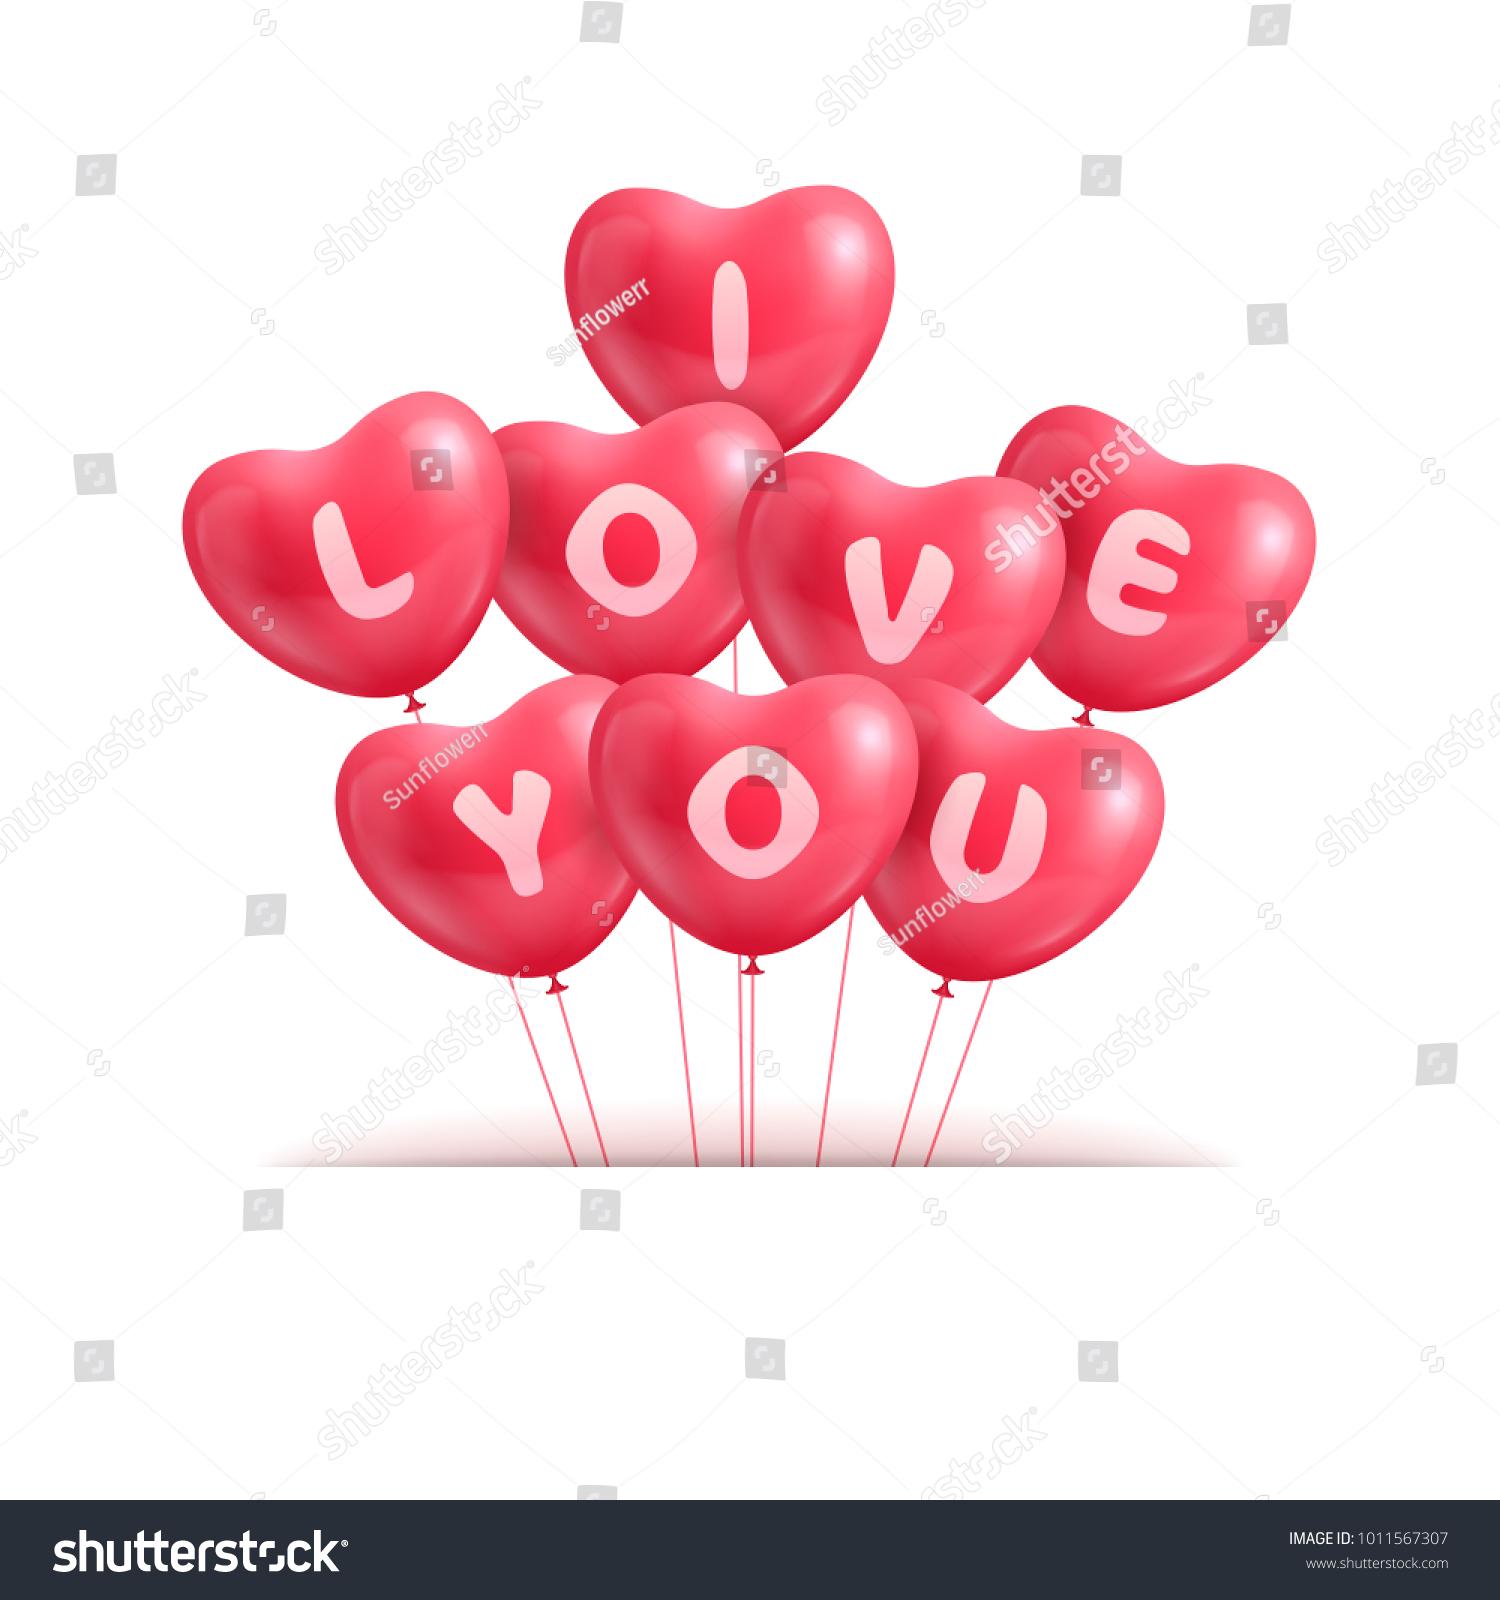 Hearts Ballon Realistic Valentine Declaration Love Stock ...